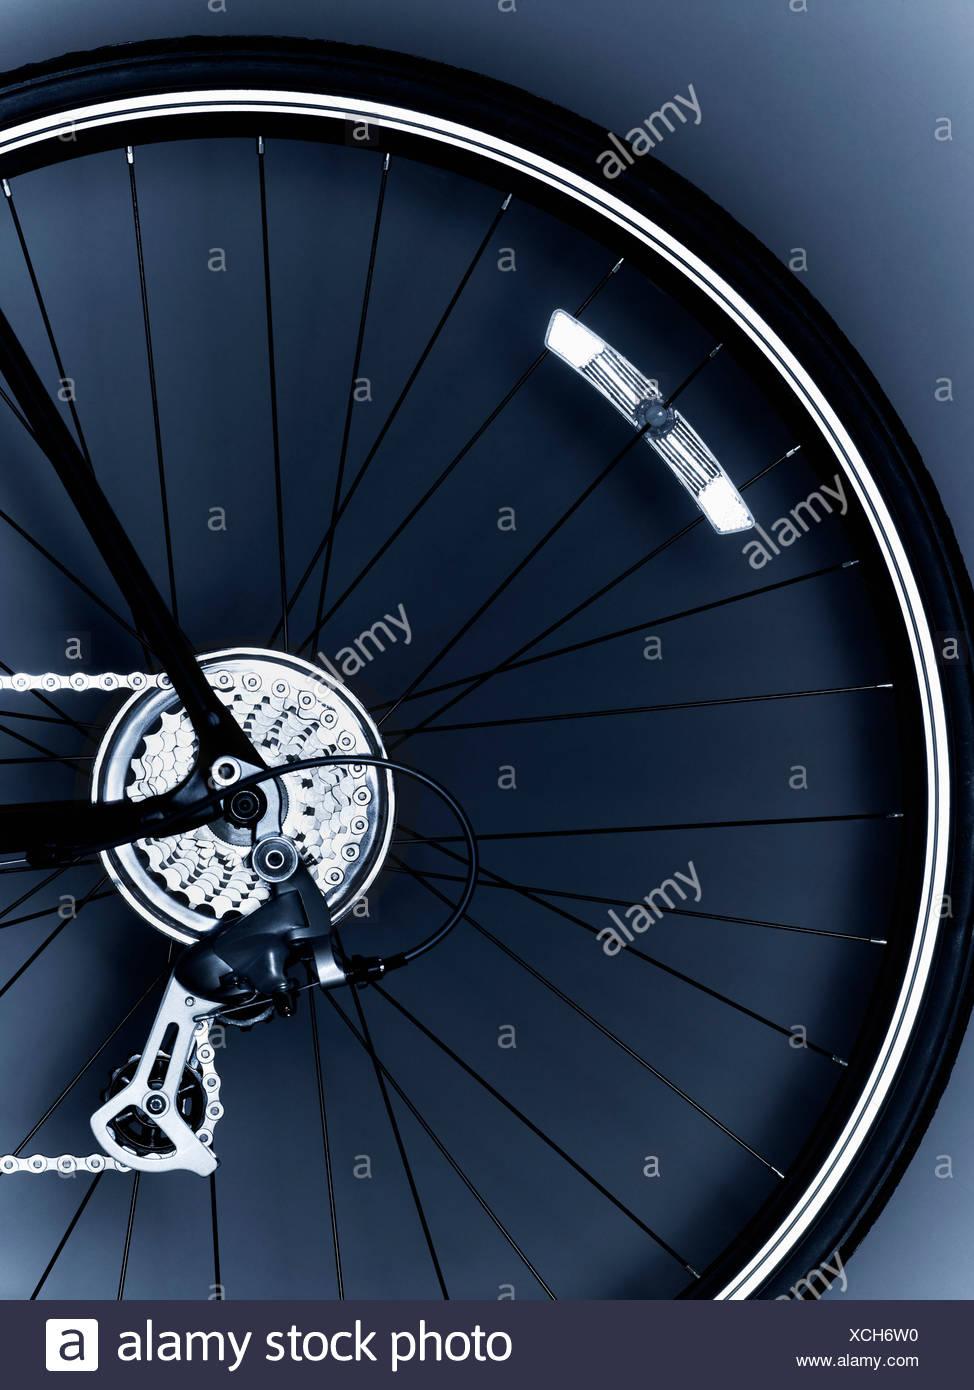 Fahrrad, Fahrrad-Ausrüstung, Fahrradreifen, Kette, Nahaufnahme, Rädchen, Farbe, detail, Getriebe, keine Menschen, Fotografie, sprach, studio Stockbild